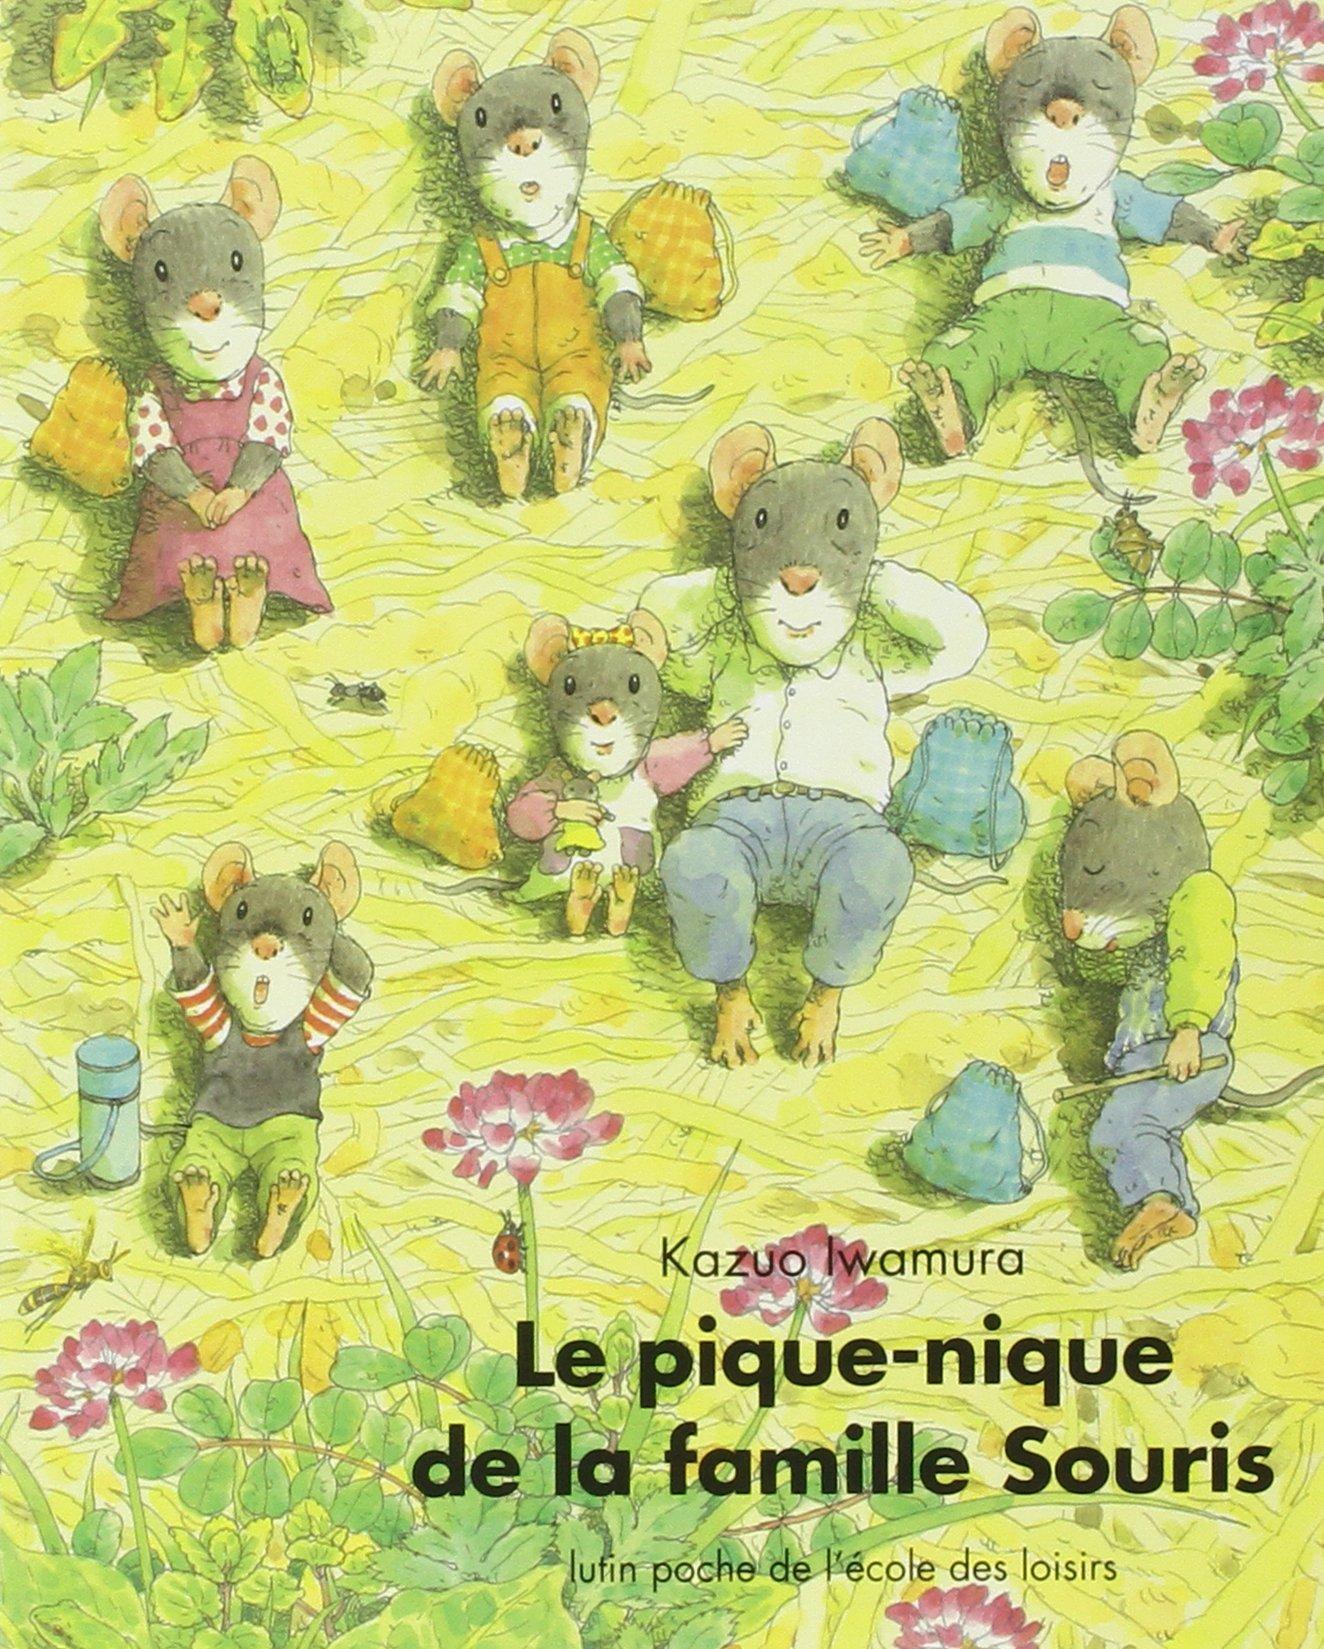 Amazon.fr - Le Pique-nique de la famille Souris - Iwamura, Kazuo - Livres